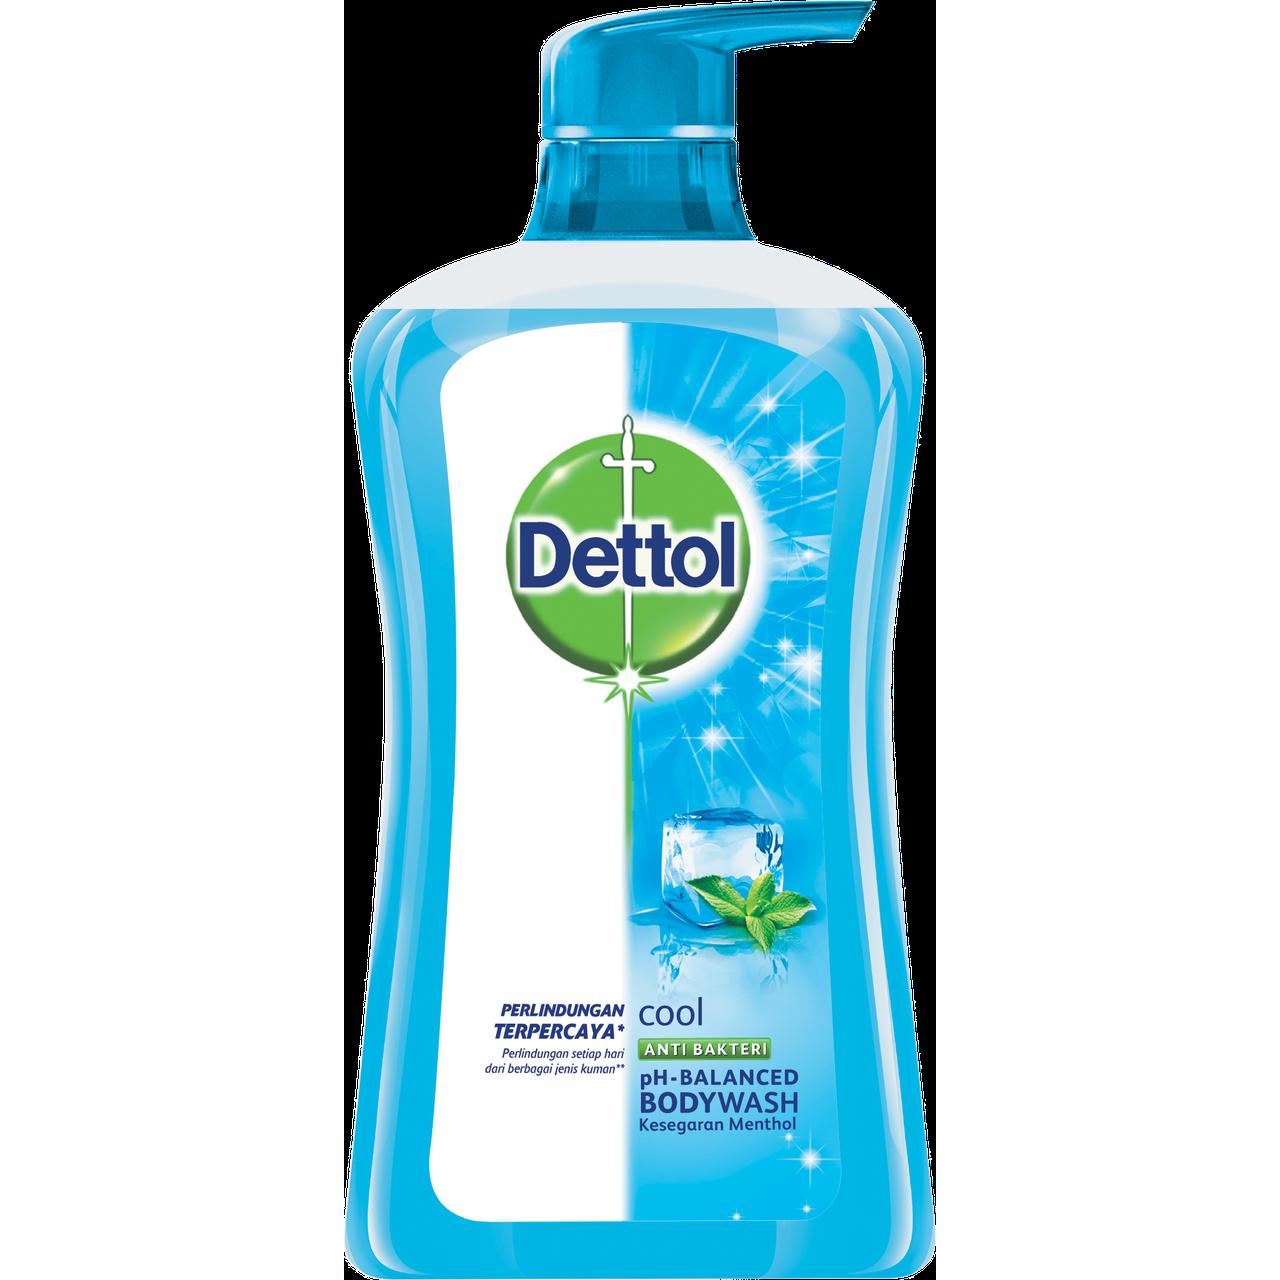 Dettol Anti Bacterial Cool Bodywash